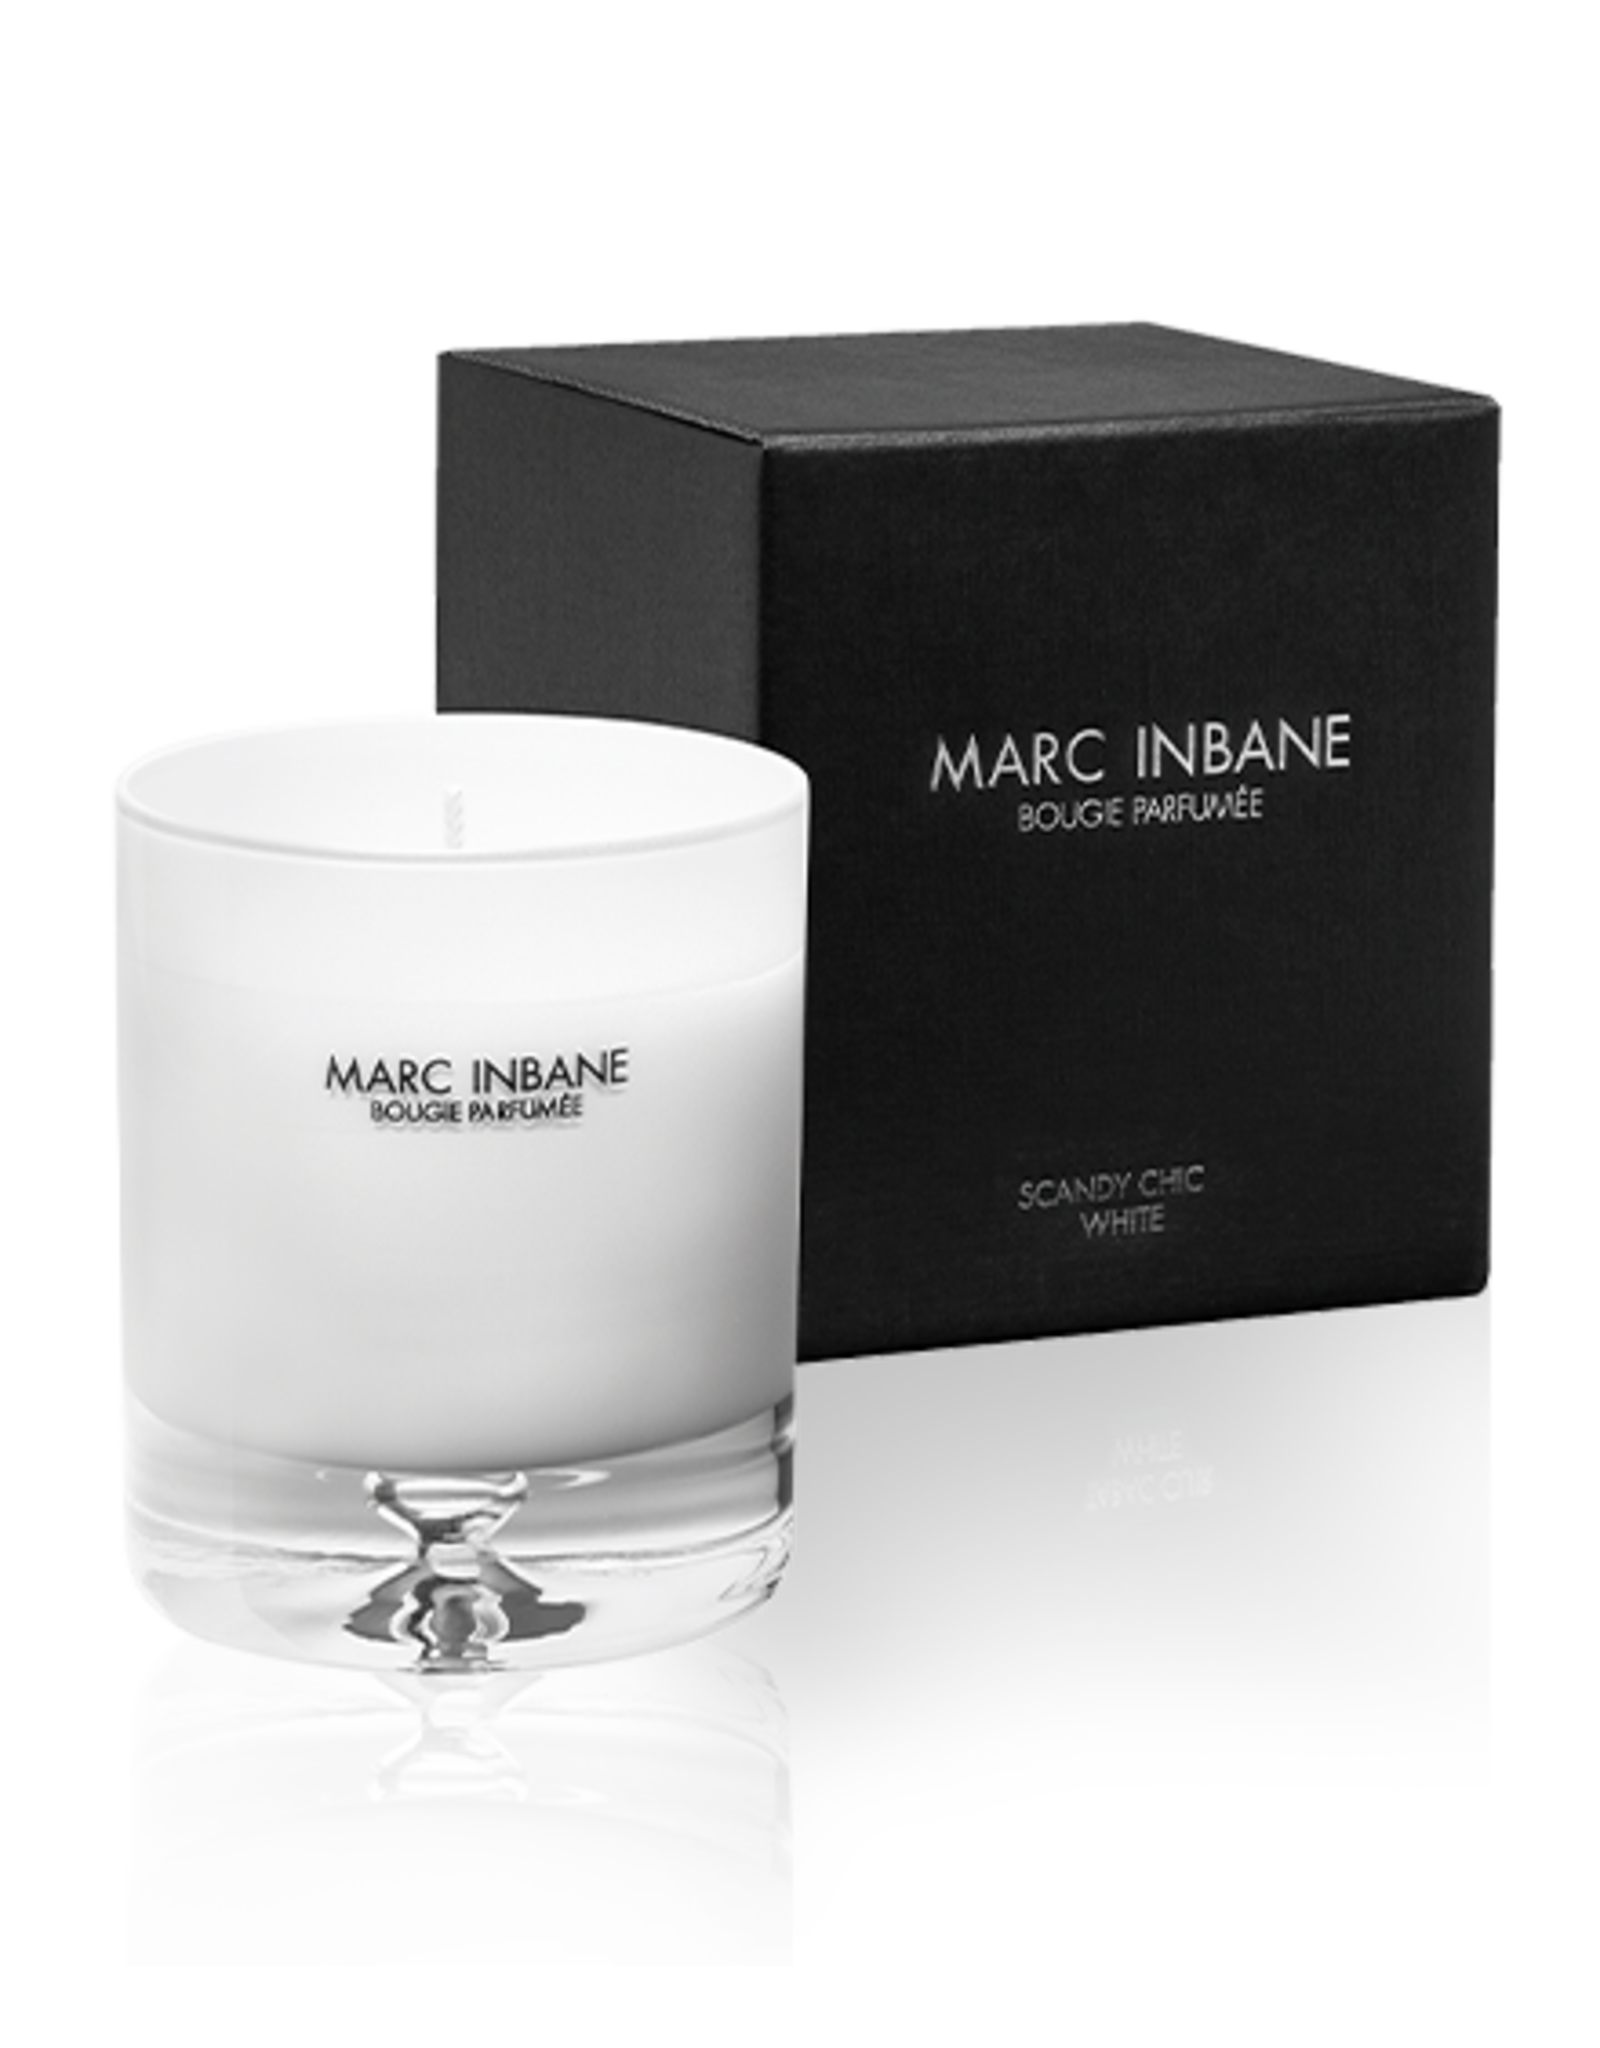 marc inbaine Marc Inbane Bougie Parfumee Scandy Chic White